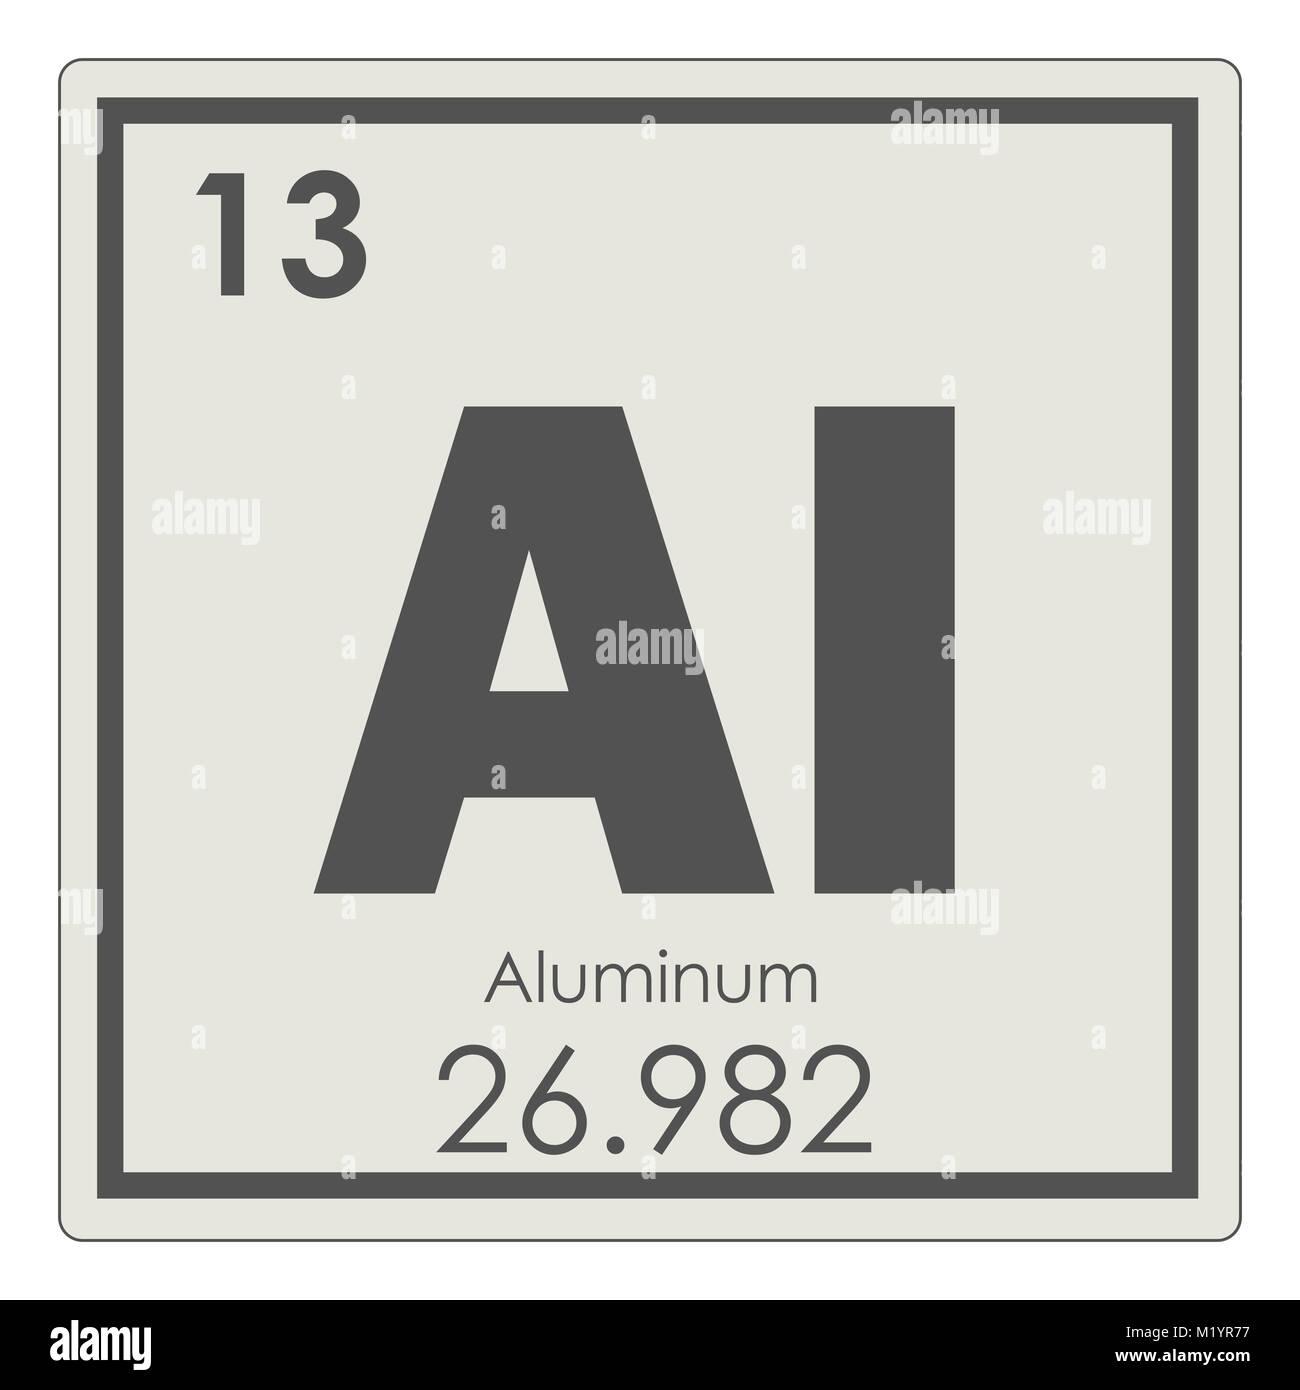 Tabla peridica de elementos qumicos de aluminio ciencia smbolo tabla peridica de elementos qumicos de aluminio ciencia smbolo urtaz Images